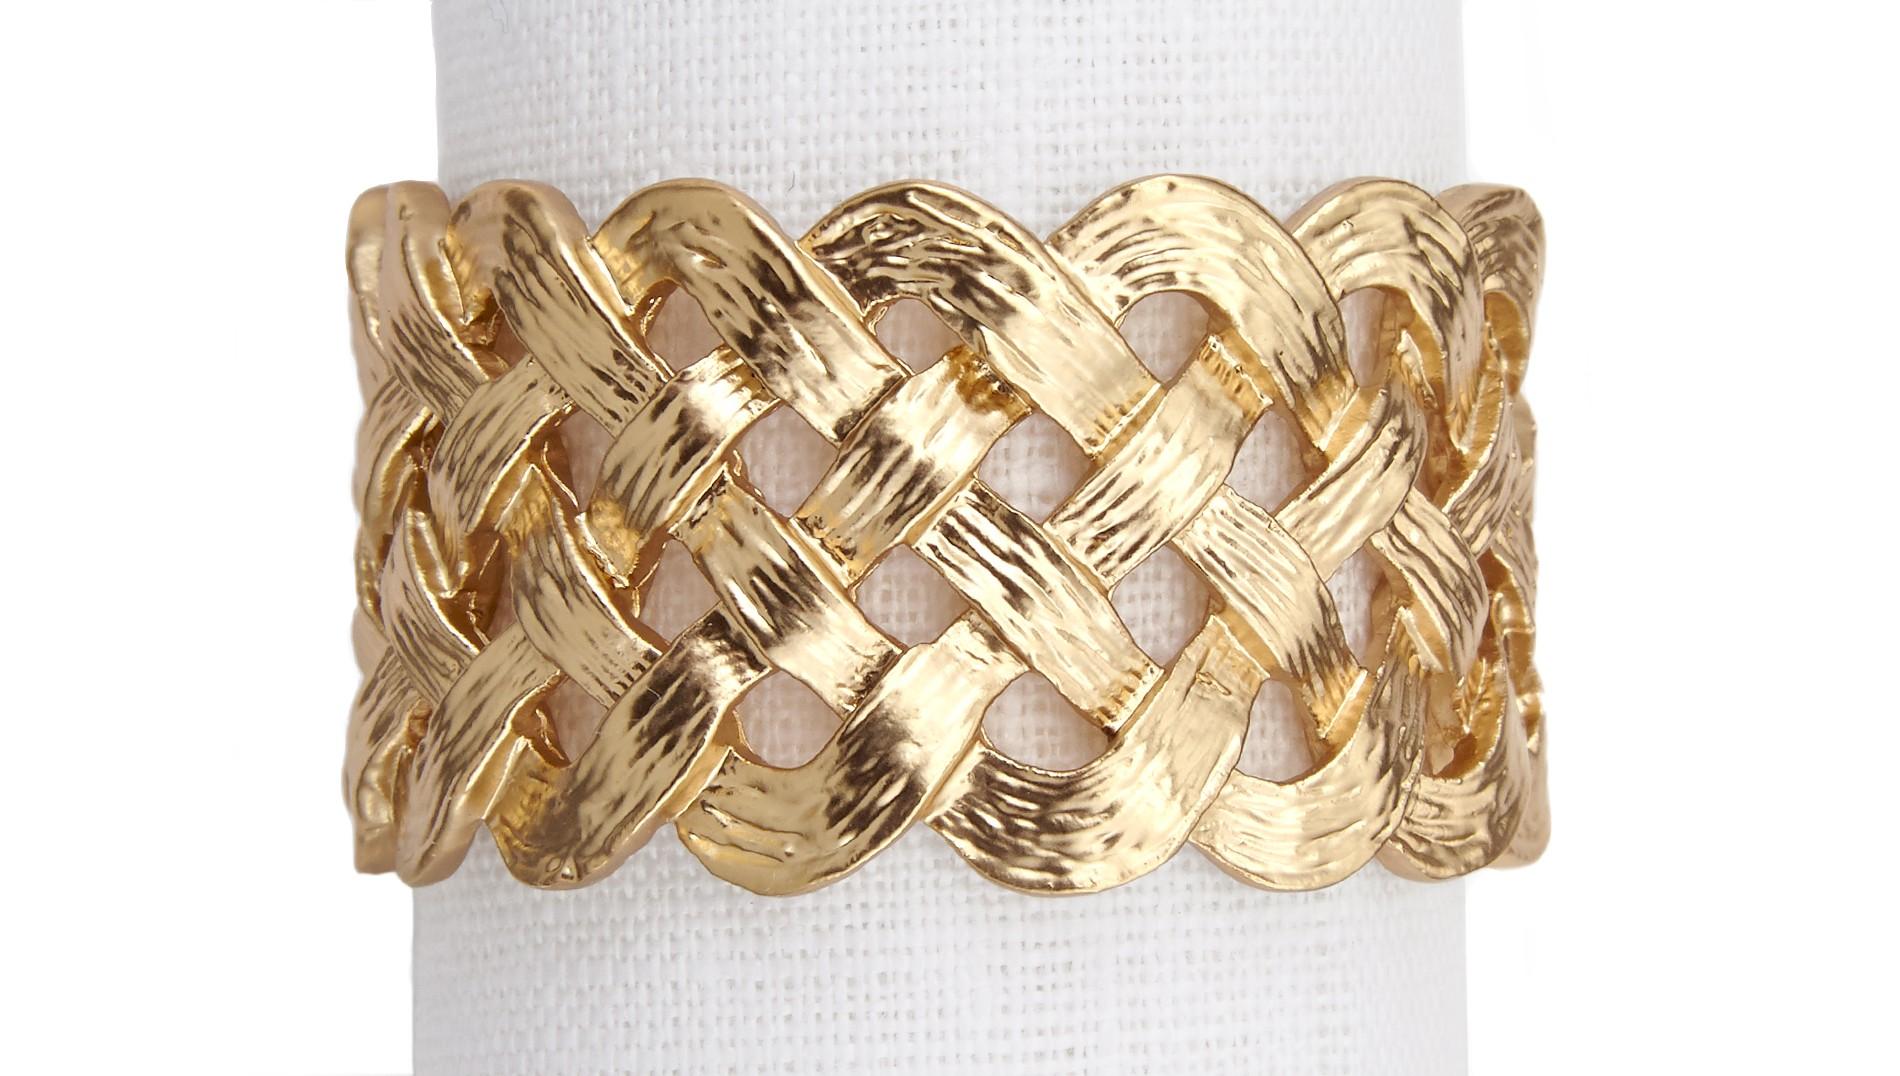 Golden Rule - Napkin rings by L'Objet | MSH Agency.jpg